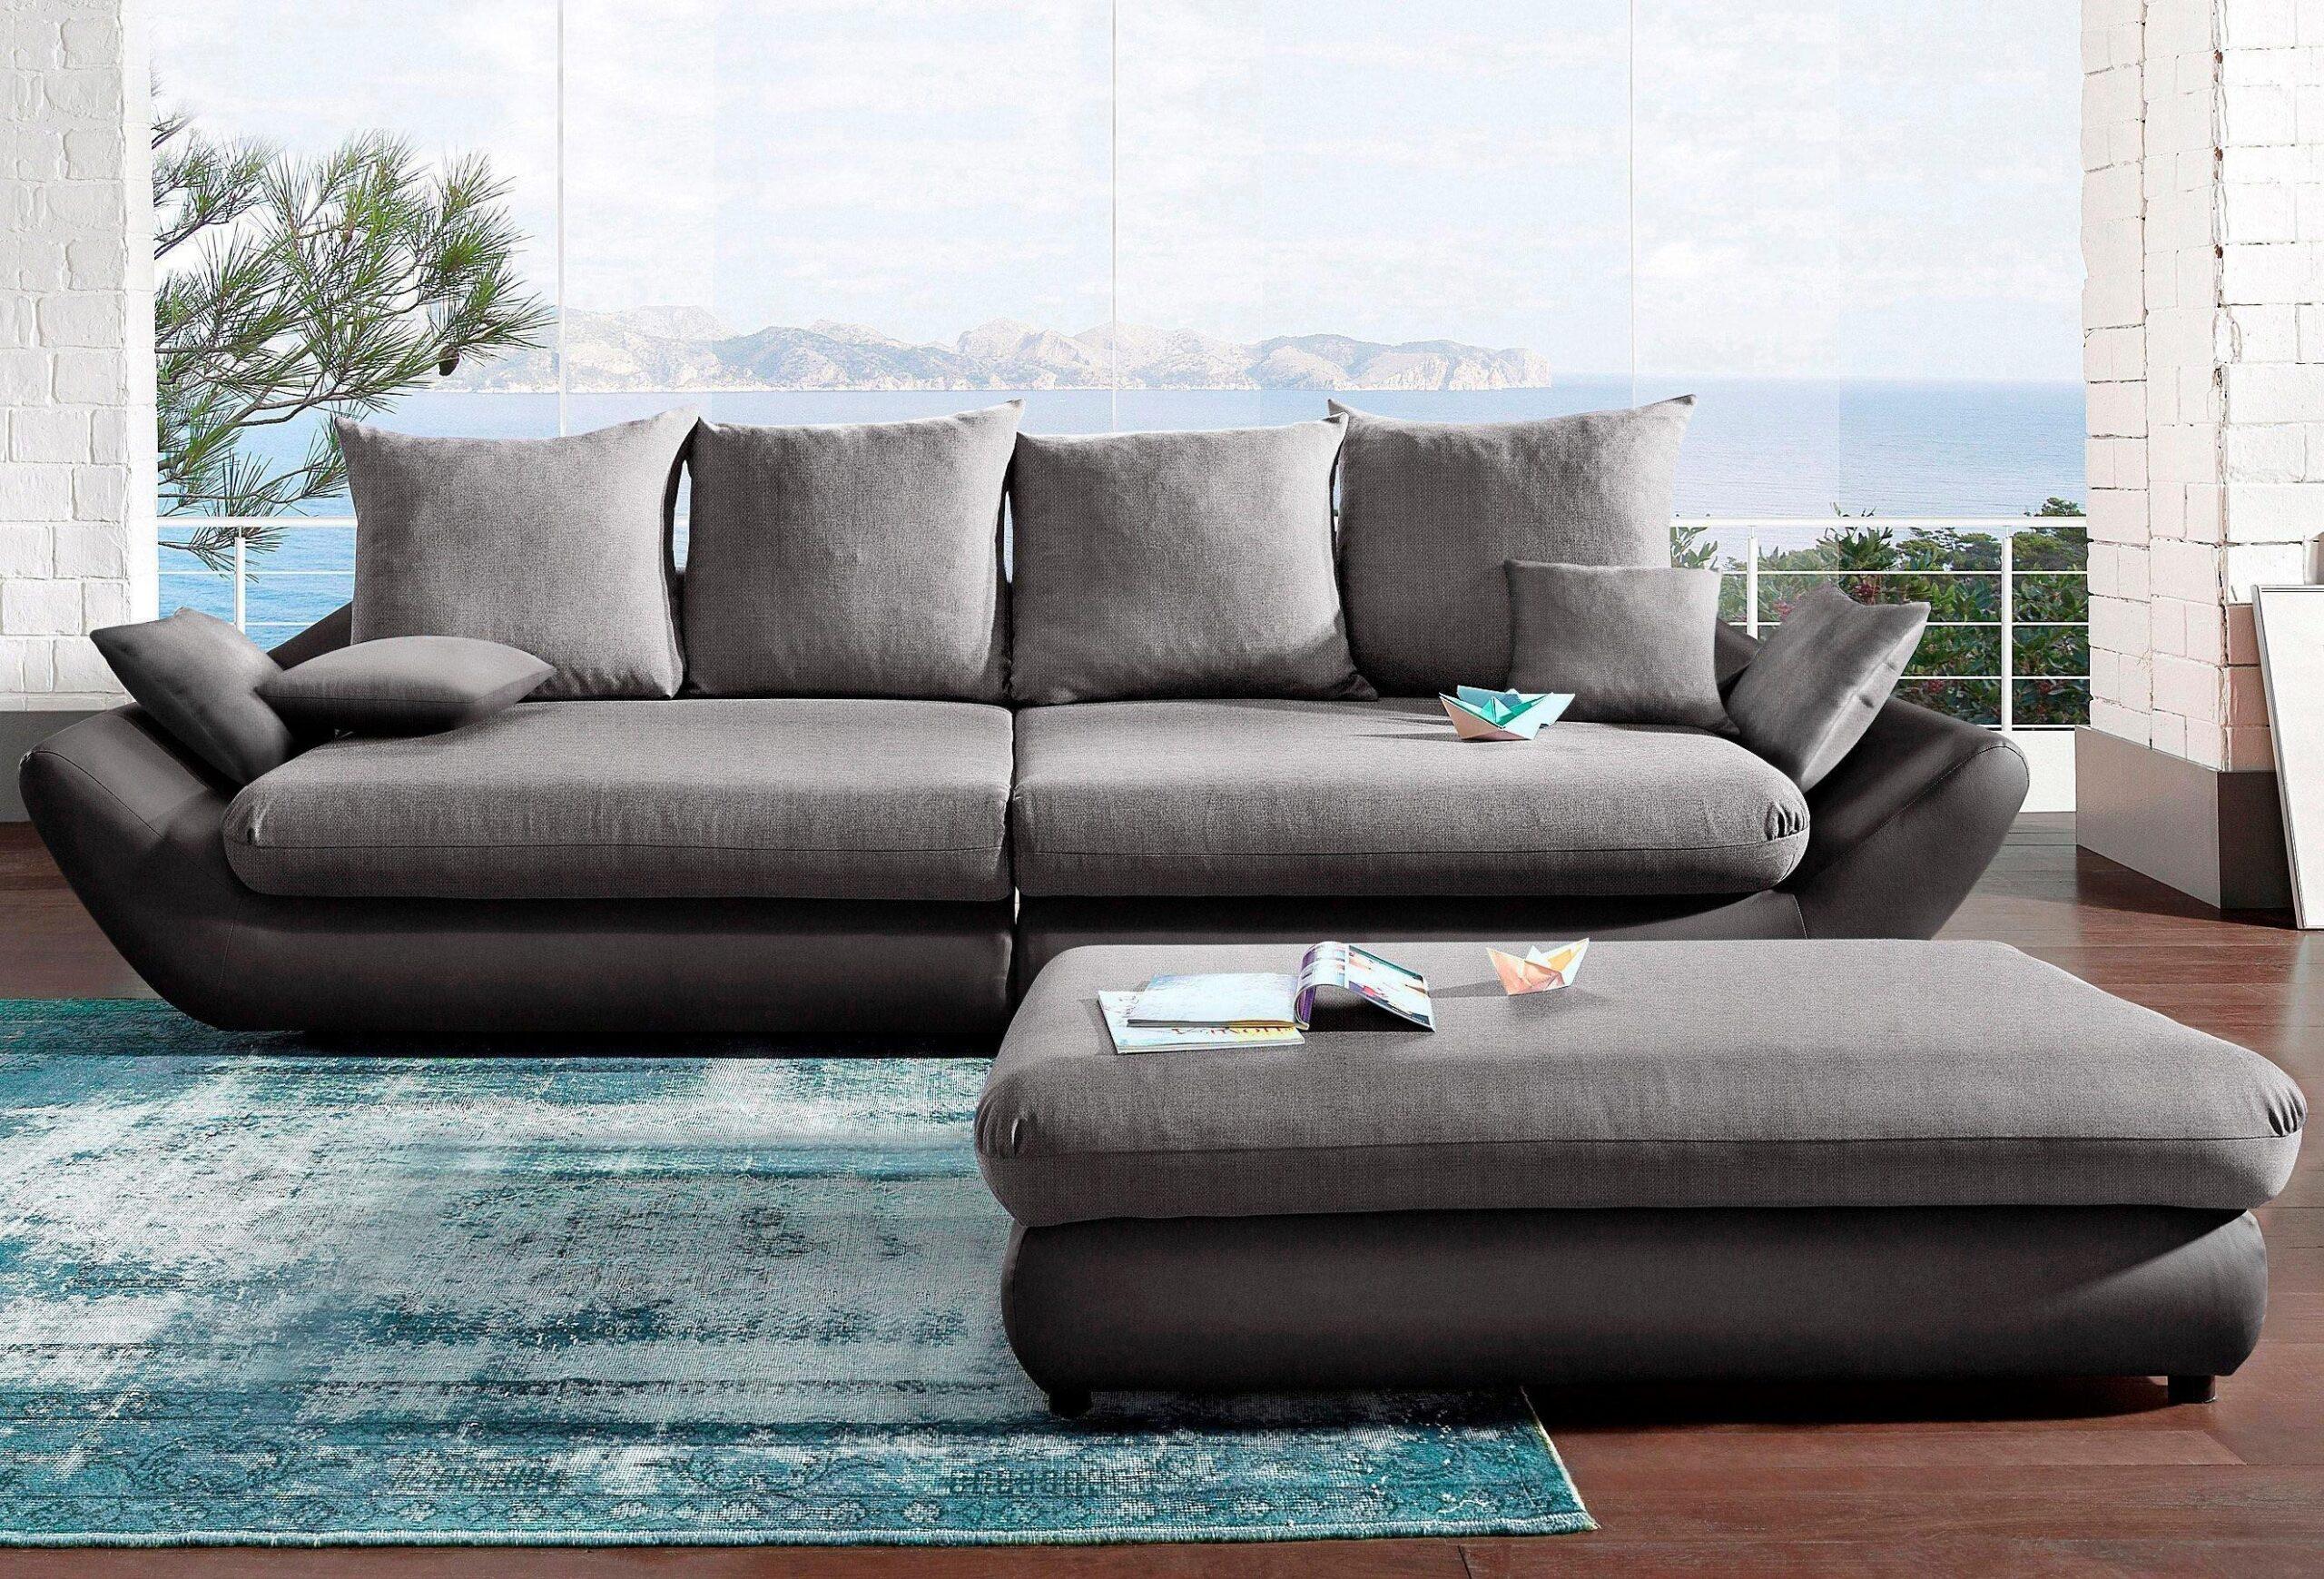 Full Size of Big Sofa Kaufen Trendfabrik Online Quellede Günstig Betten Spannbezug Breaking Bad Modulares U Form Xxl Türkische Bezug Xxxl Karup Lila Bett Aus Paletten Sofa Big Sofa Kaufen